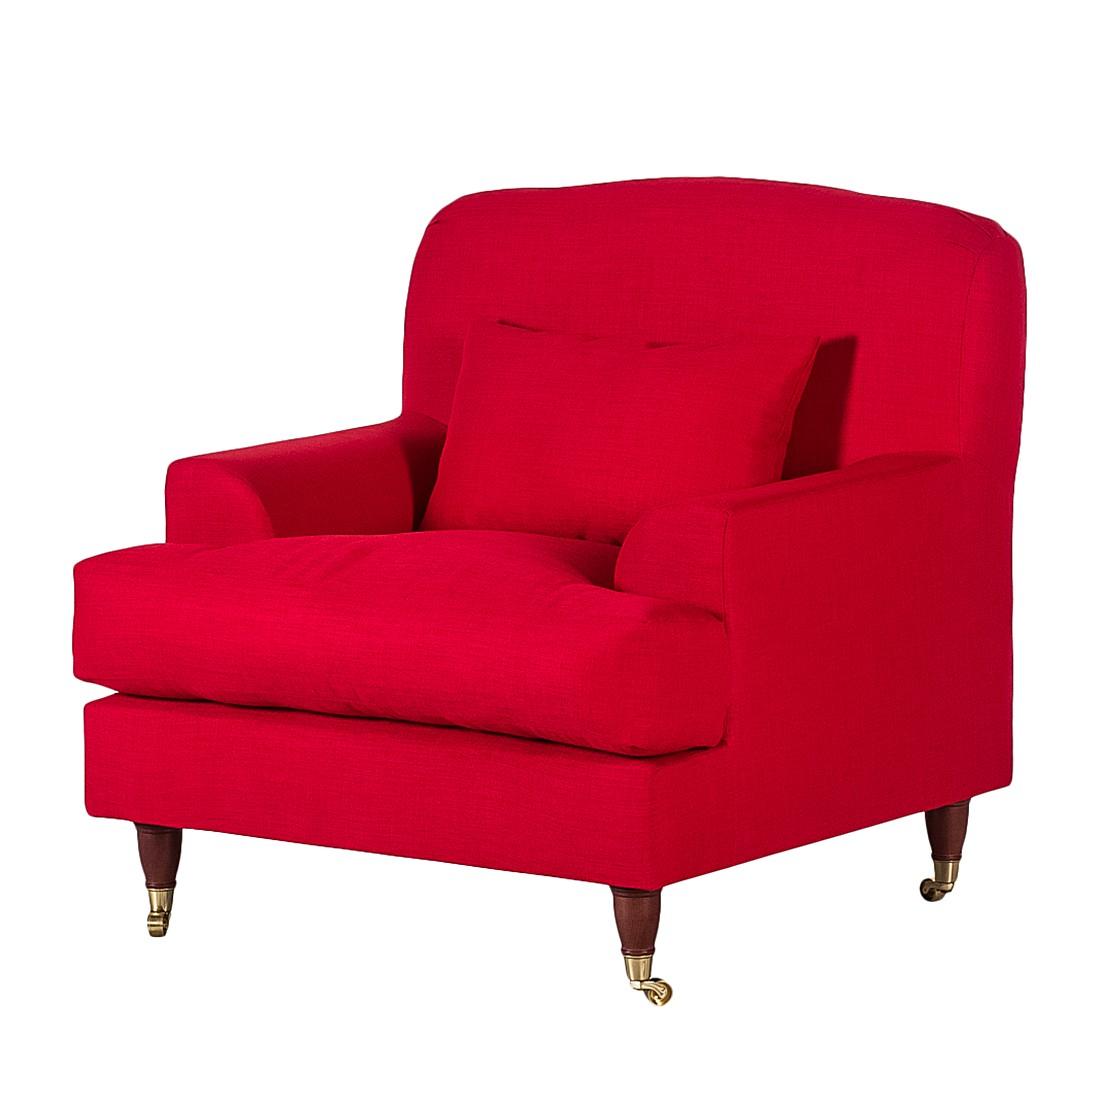 Sessel Bent – Webstoff Rot, Maison Belfort online bestellen